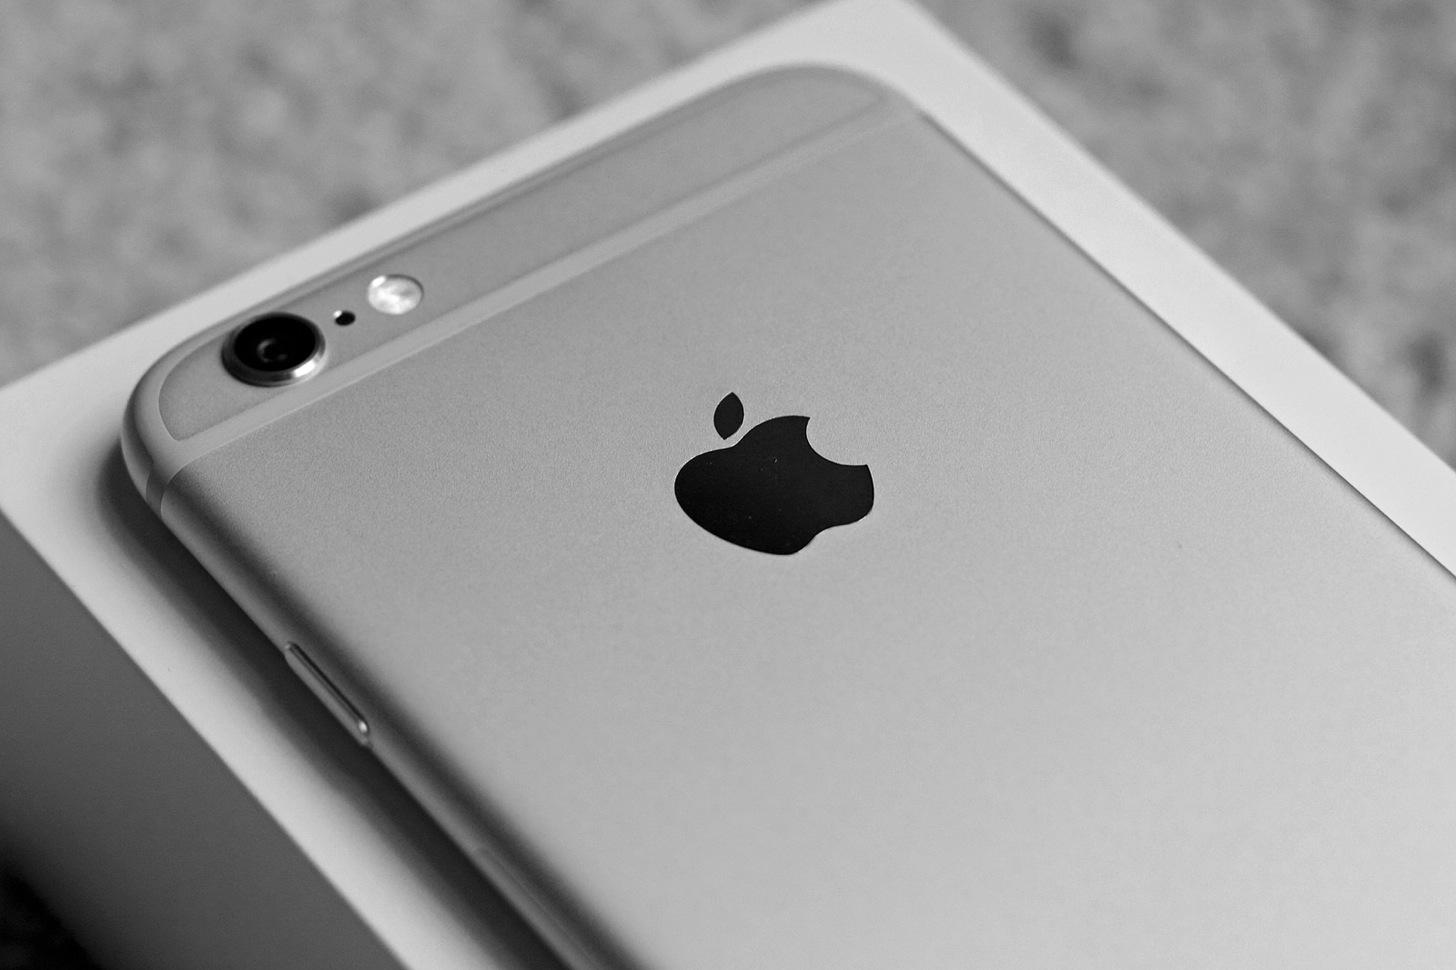 【CSS】iPhone 6 / 6 Plusの画面にのみ効かせるスタイルシートの書き方。